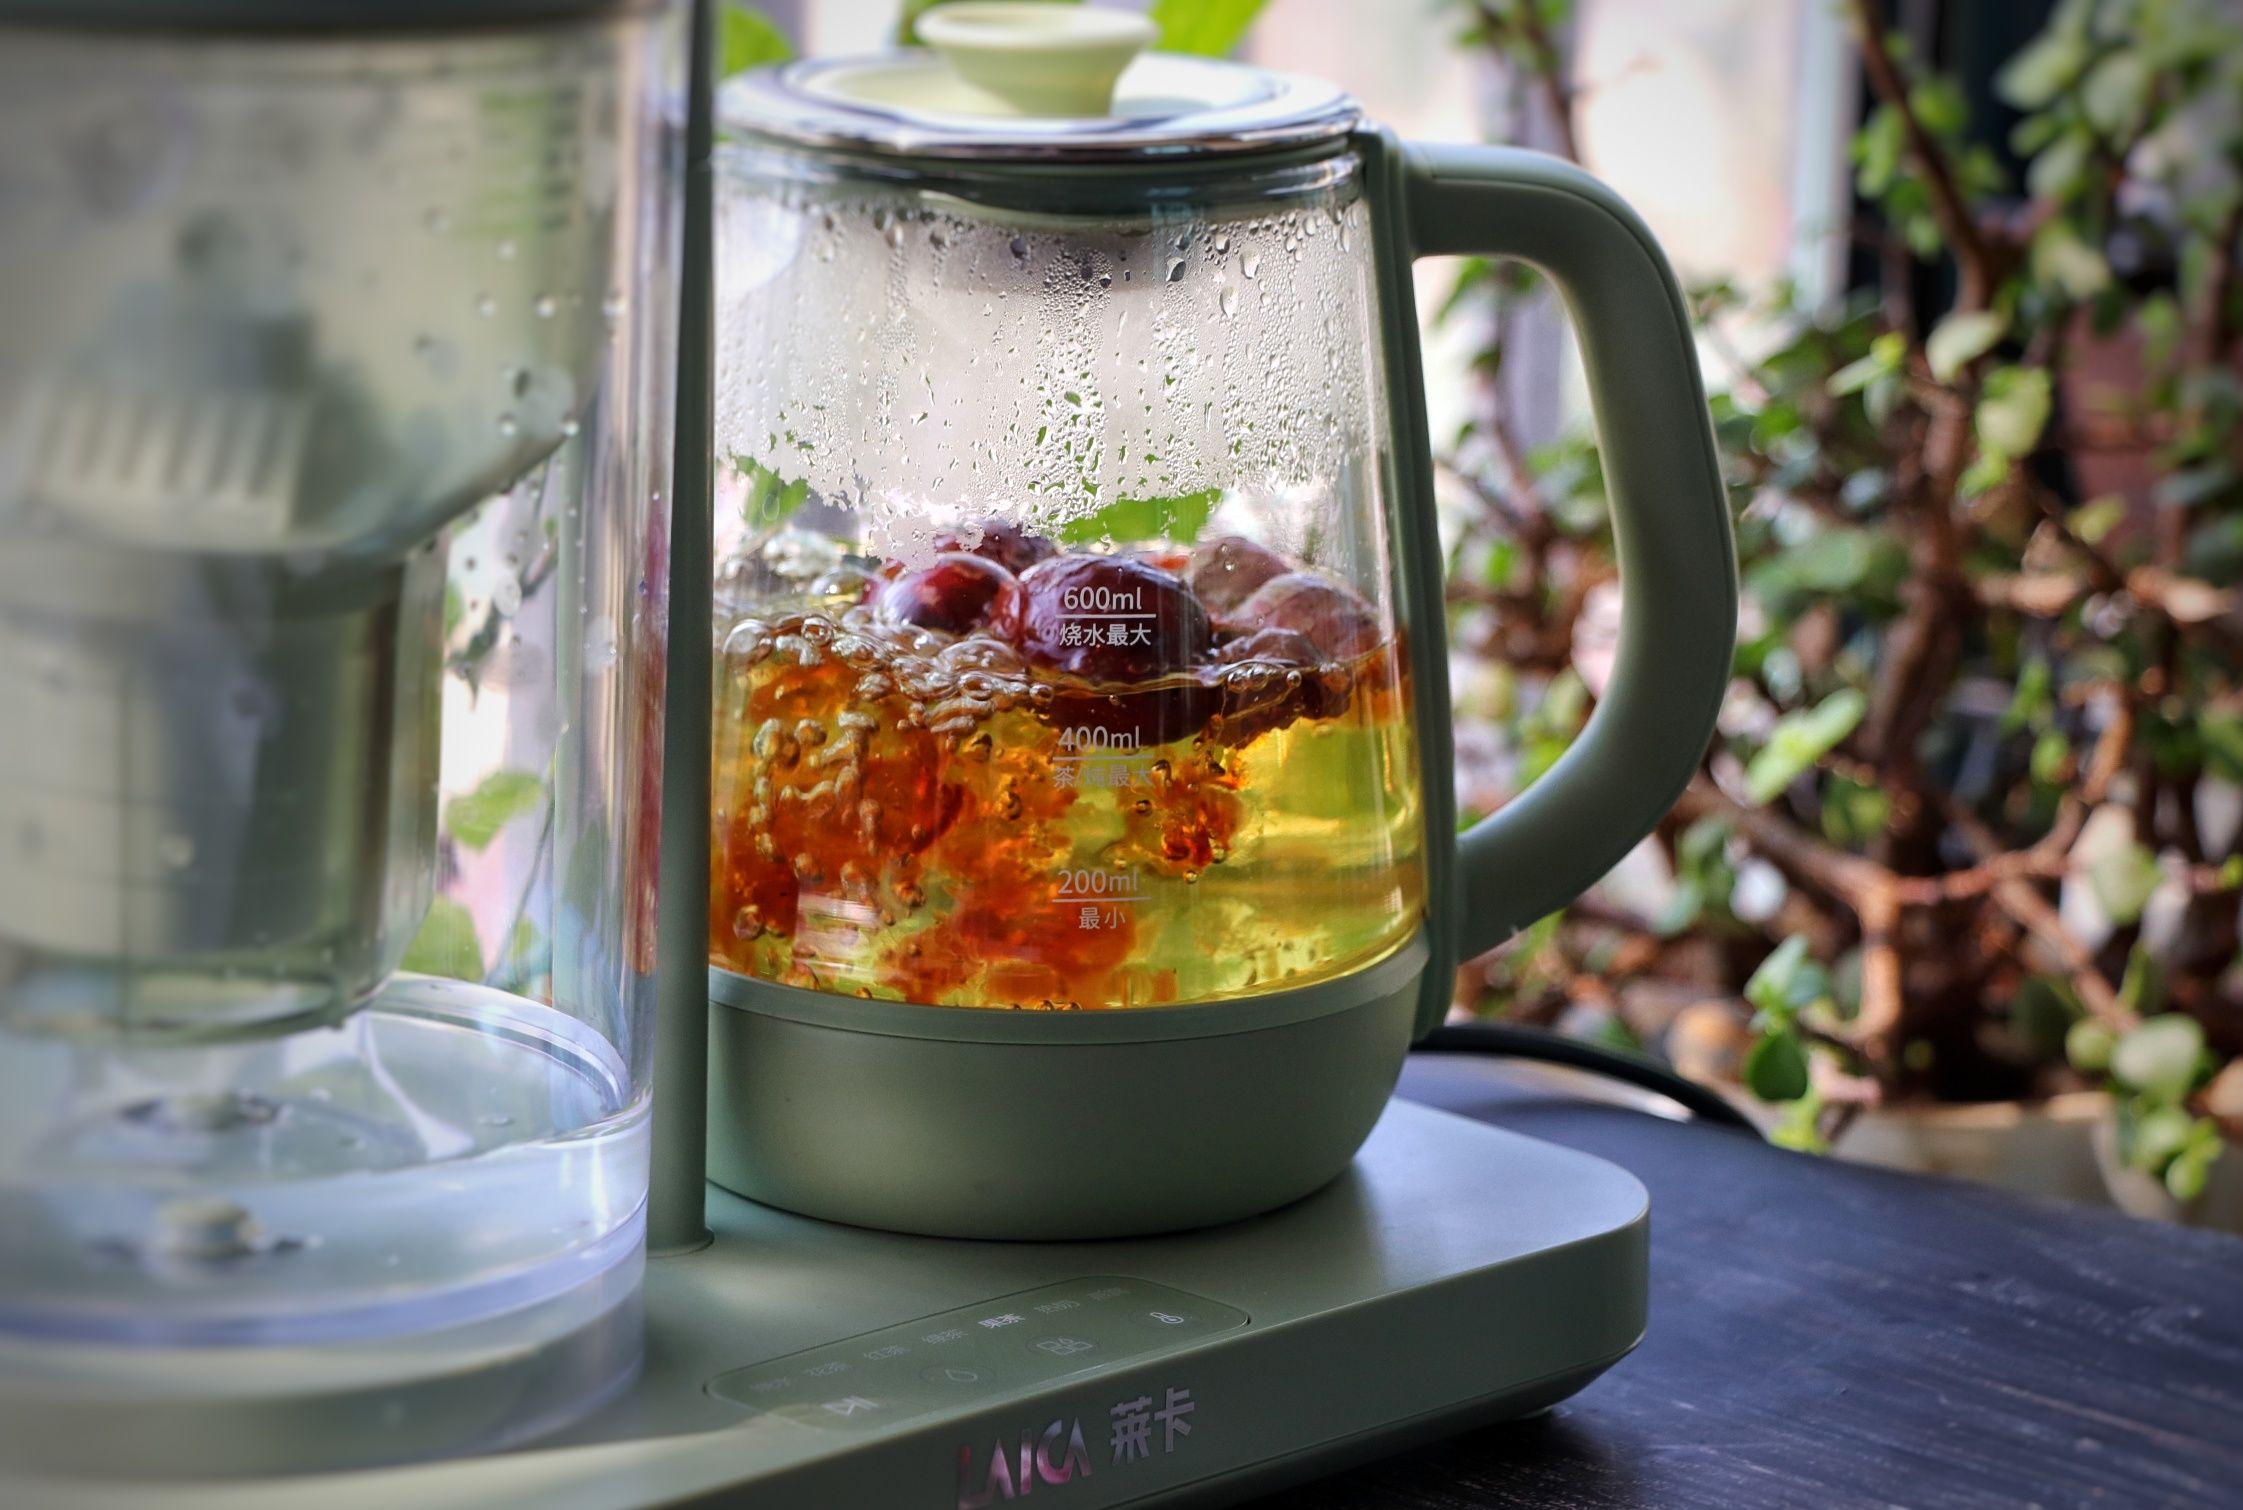 桃胶玫瑰花茶怎么吃